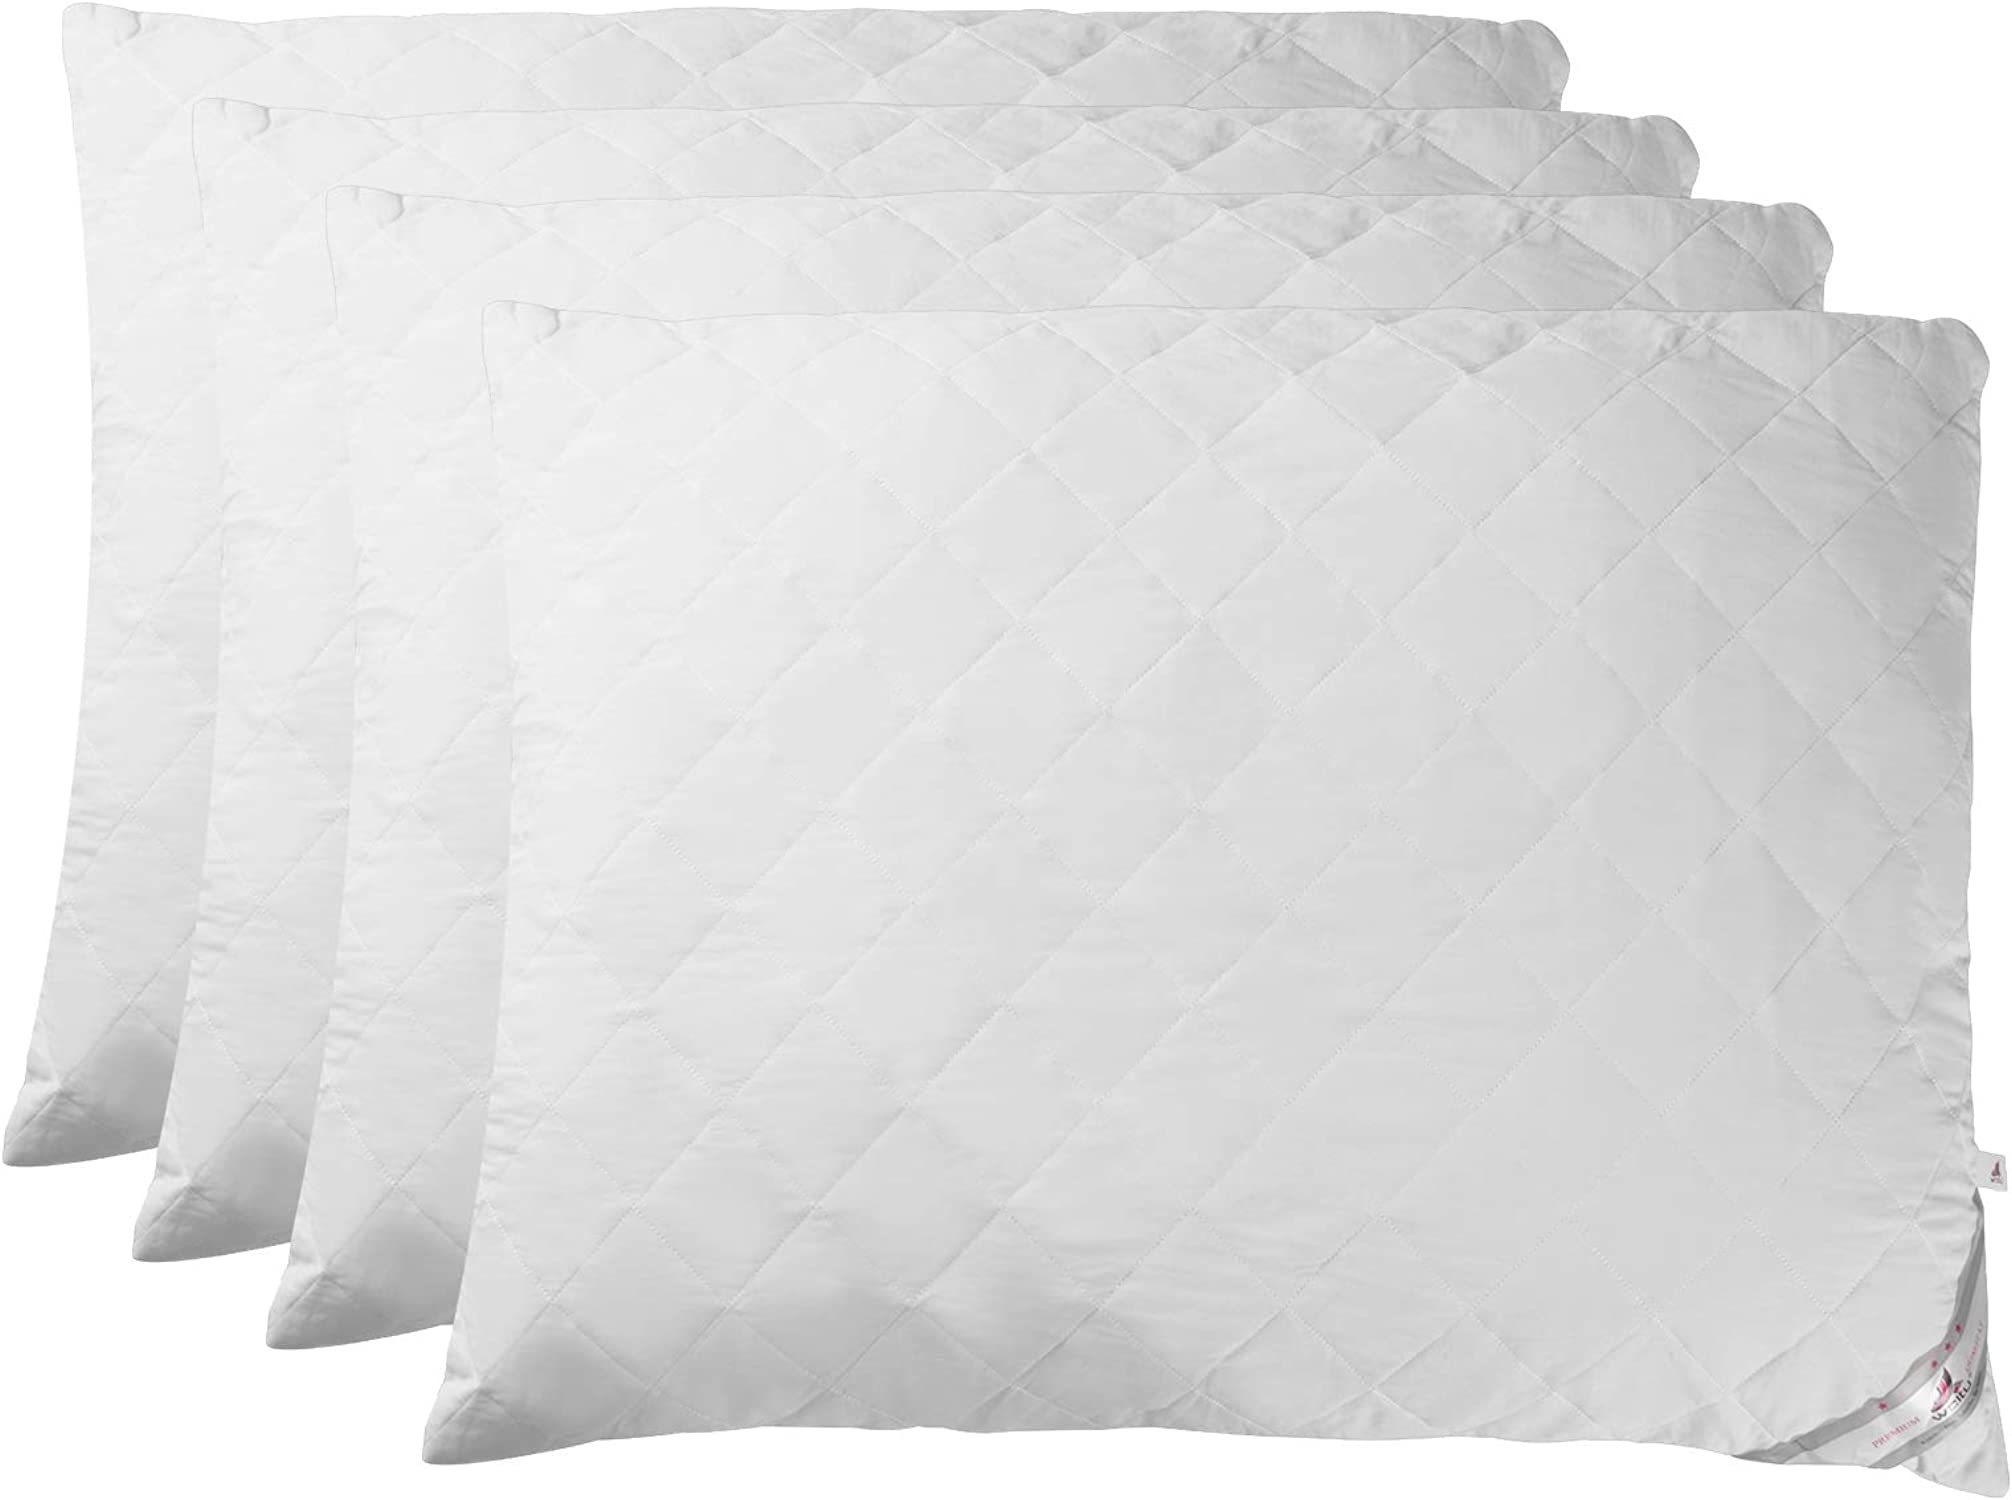 WOLTU KN028wsQ2-2, Lot de 4 Oreillers Remplissage Coussins rembourrés avec Fermeture à glissière, Oreillers intérieurs de Couchage Lavable Respirant et Doux, 70x90 cm